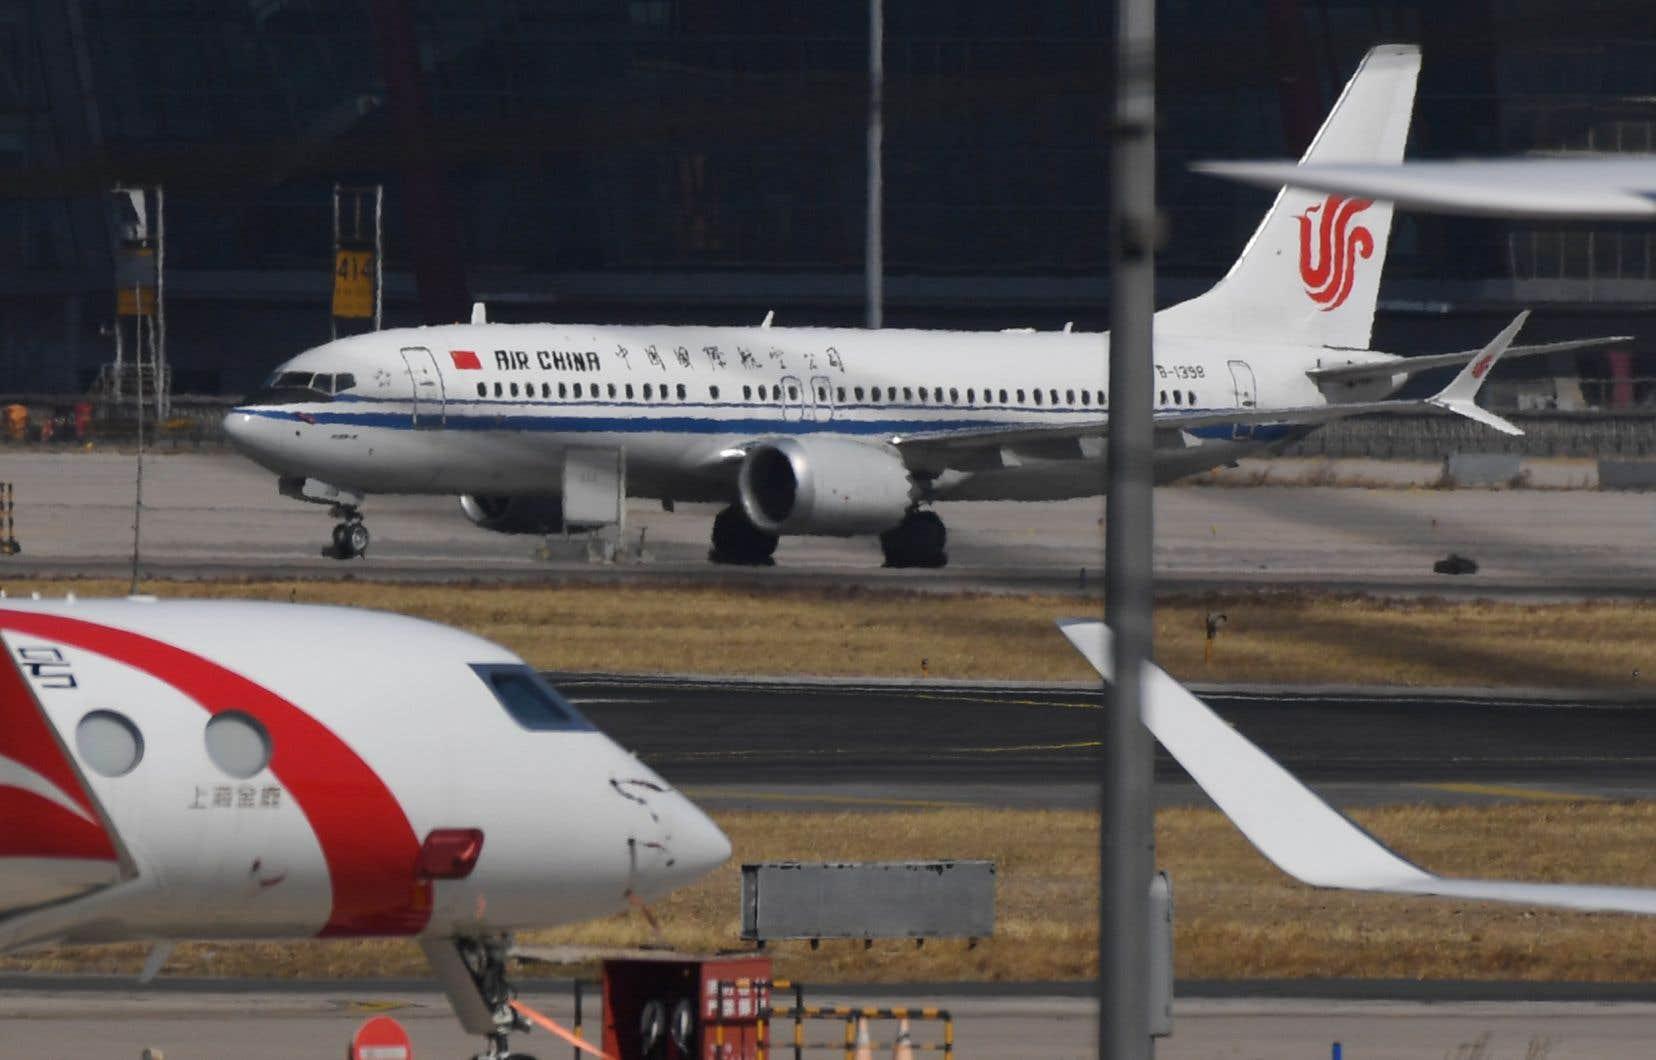 La Chine avait signé un accord portant sur l'achat de 300 appareils Boeing, dont 260 de la famille 737.